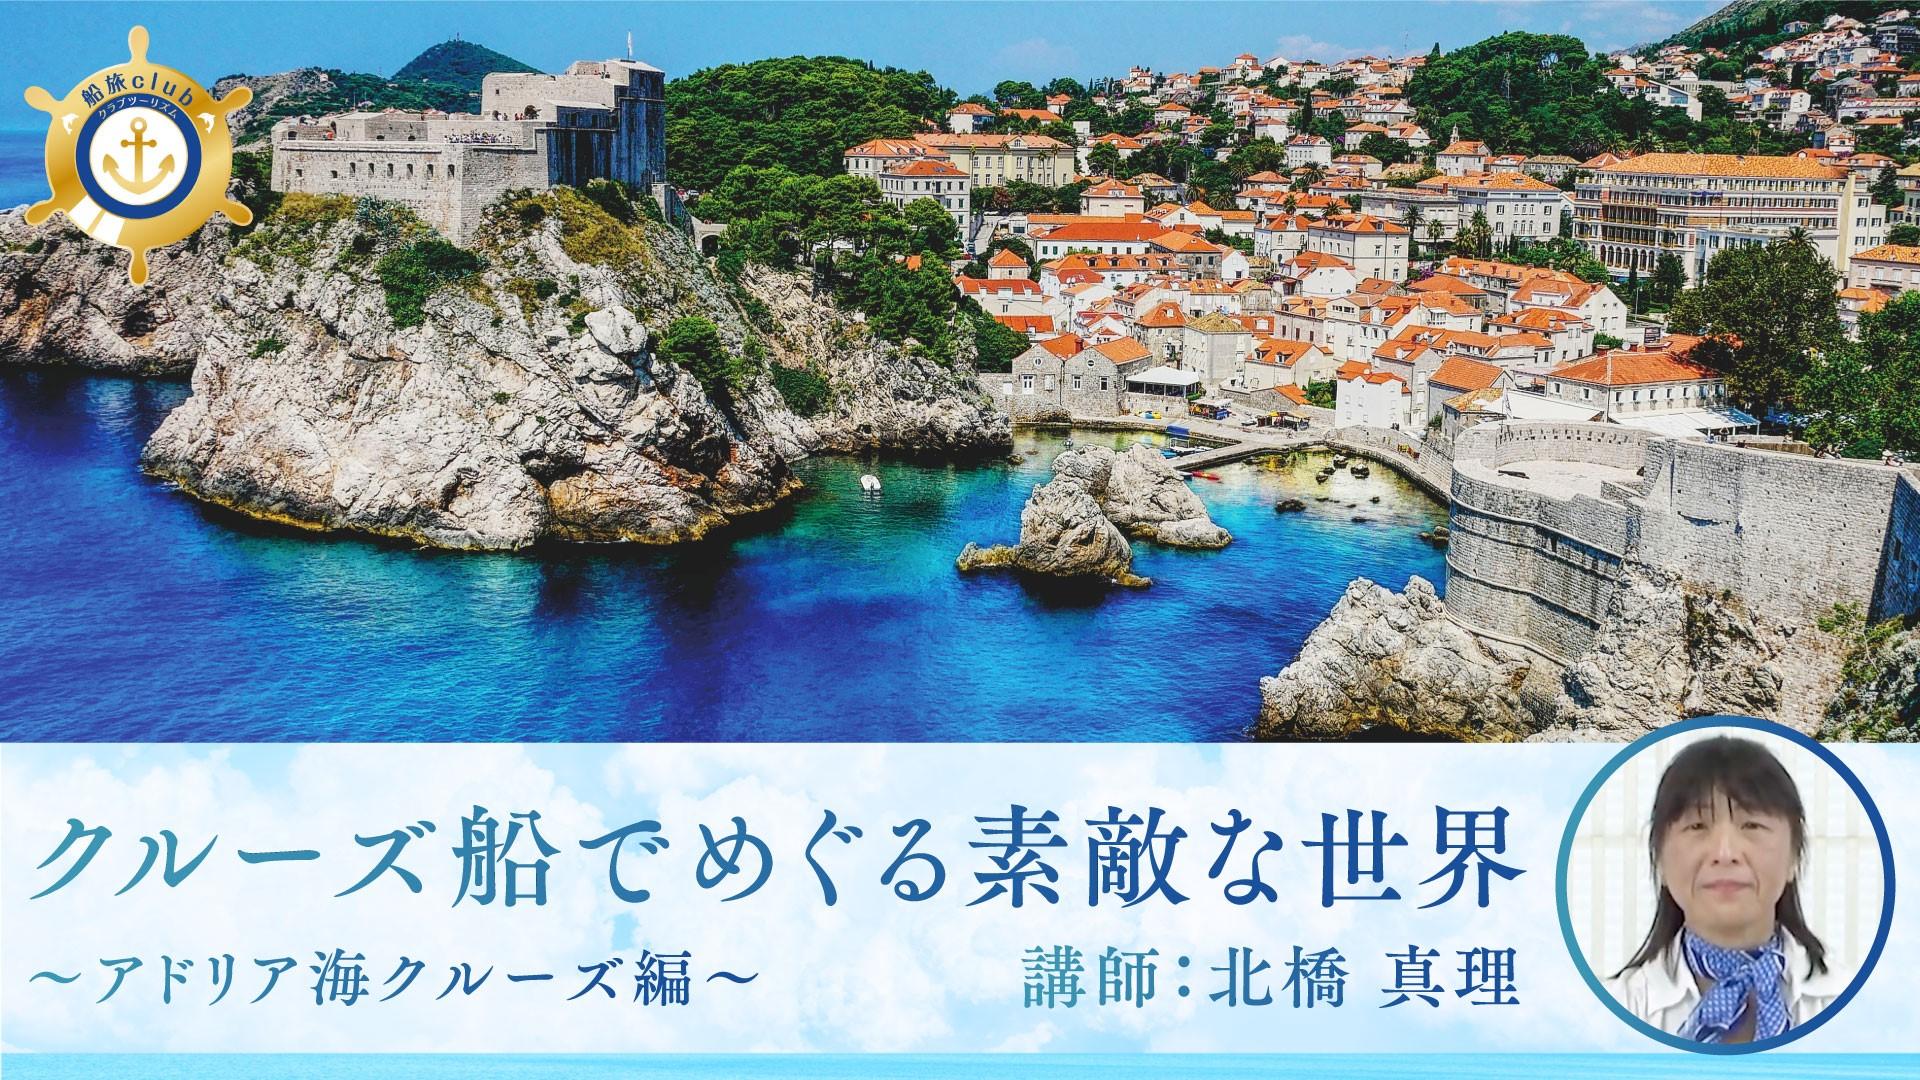 【船旅】アドリア海クルーズ/ドゥブロブニク・コトル編